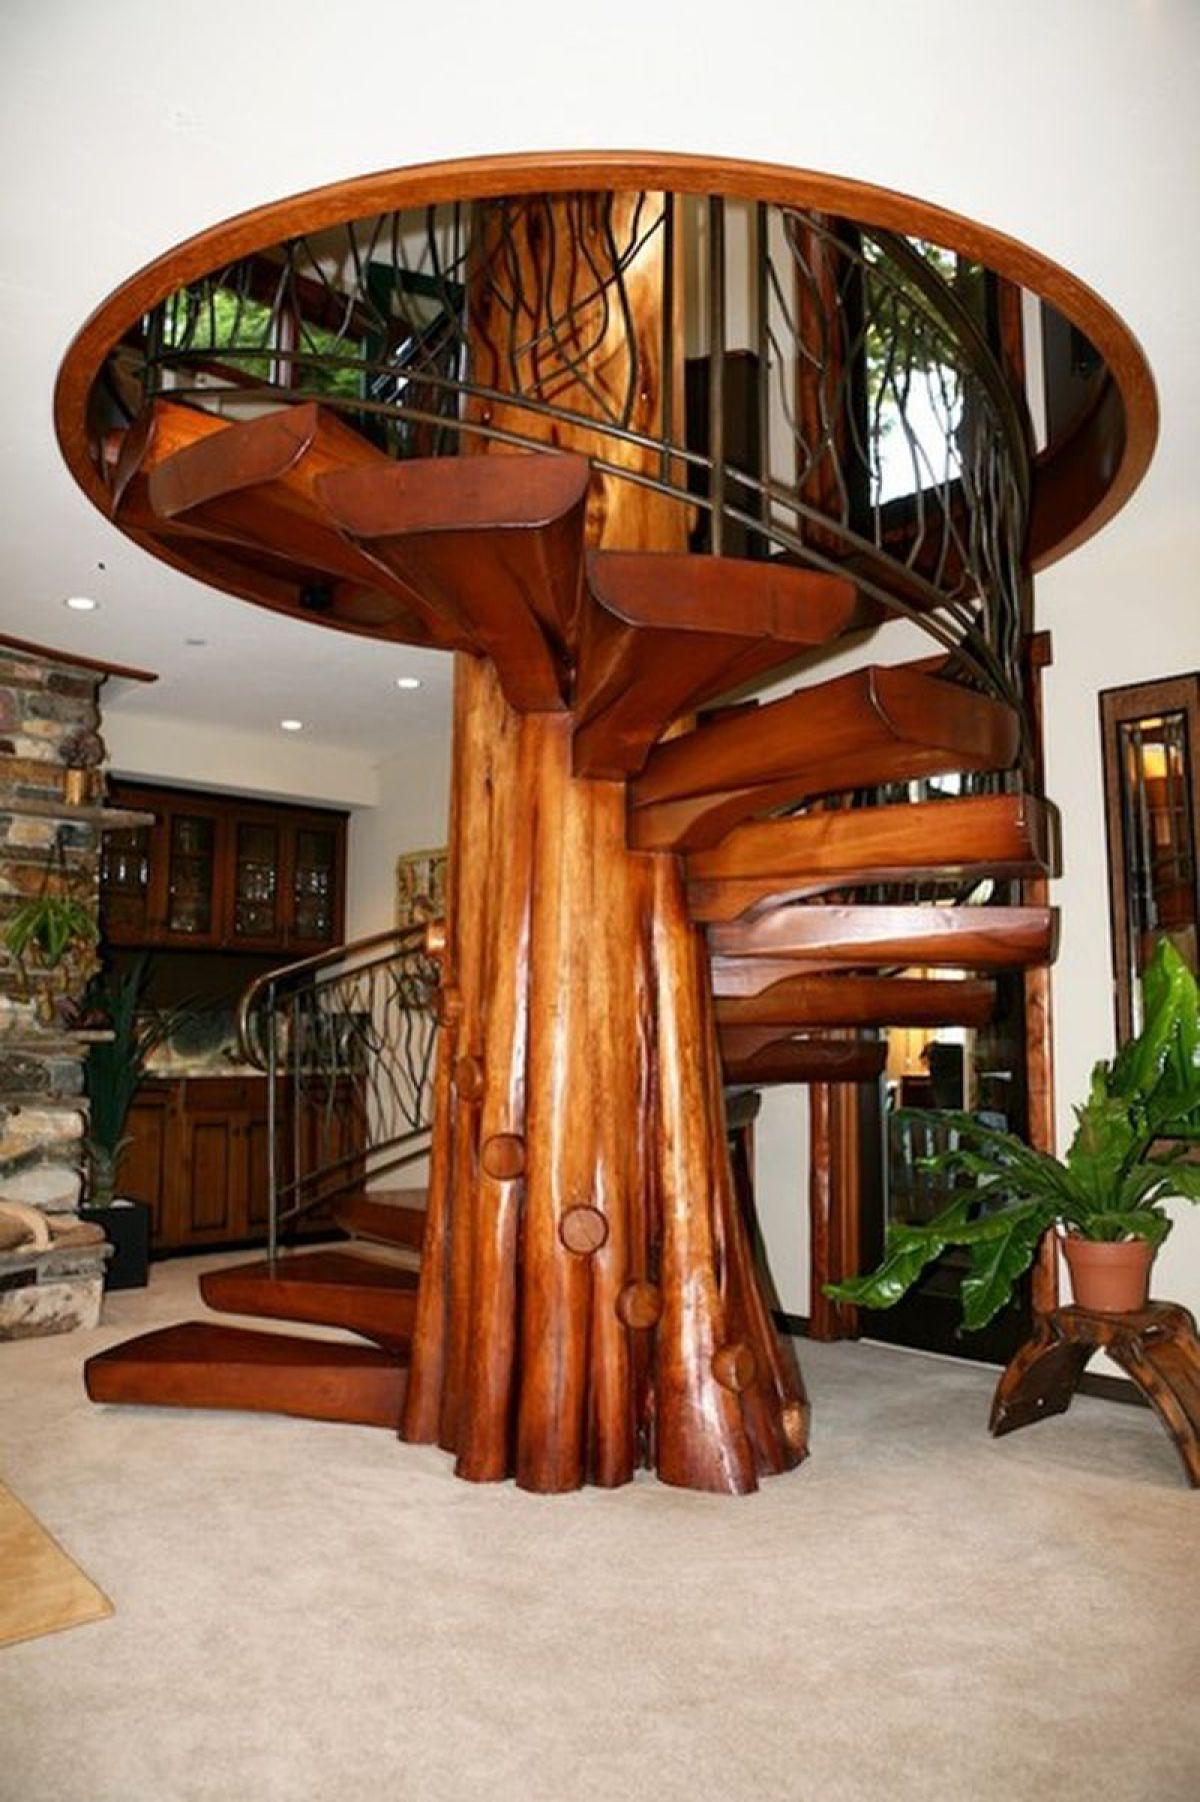 Винтовая лестница своими руками. Виды винтовых лестниц, плюсы и минусы 3404